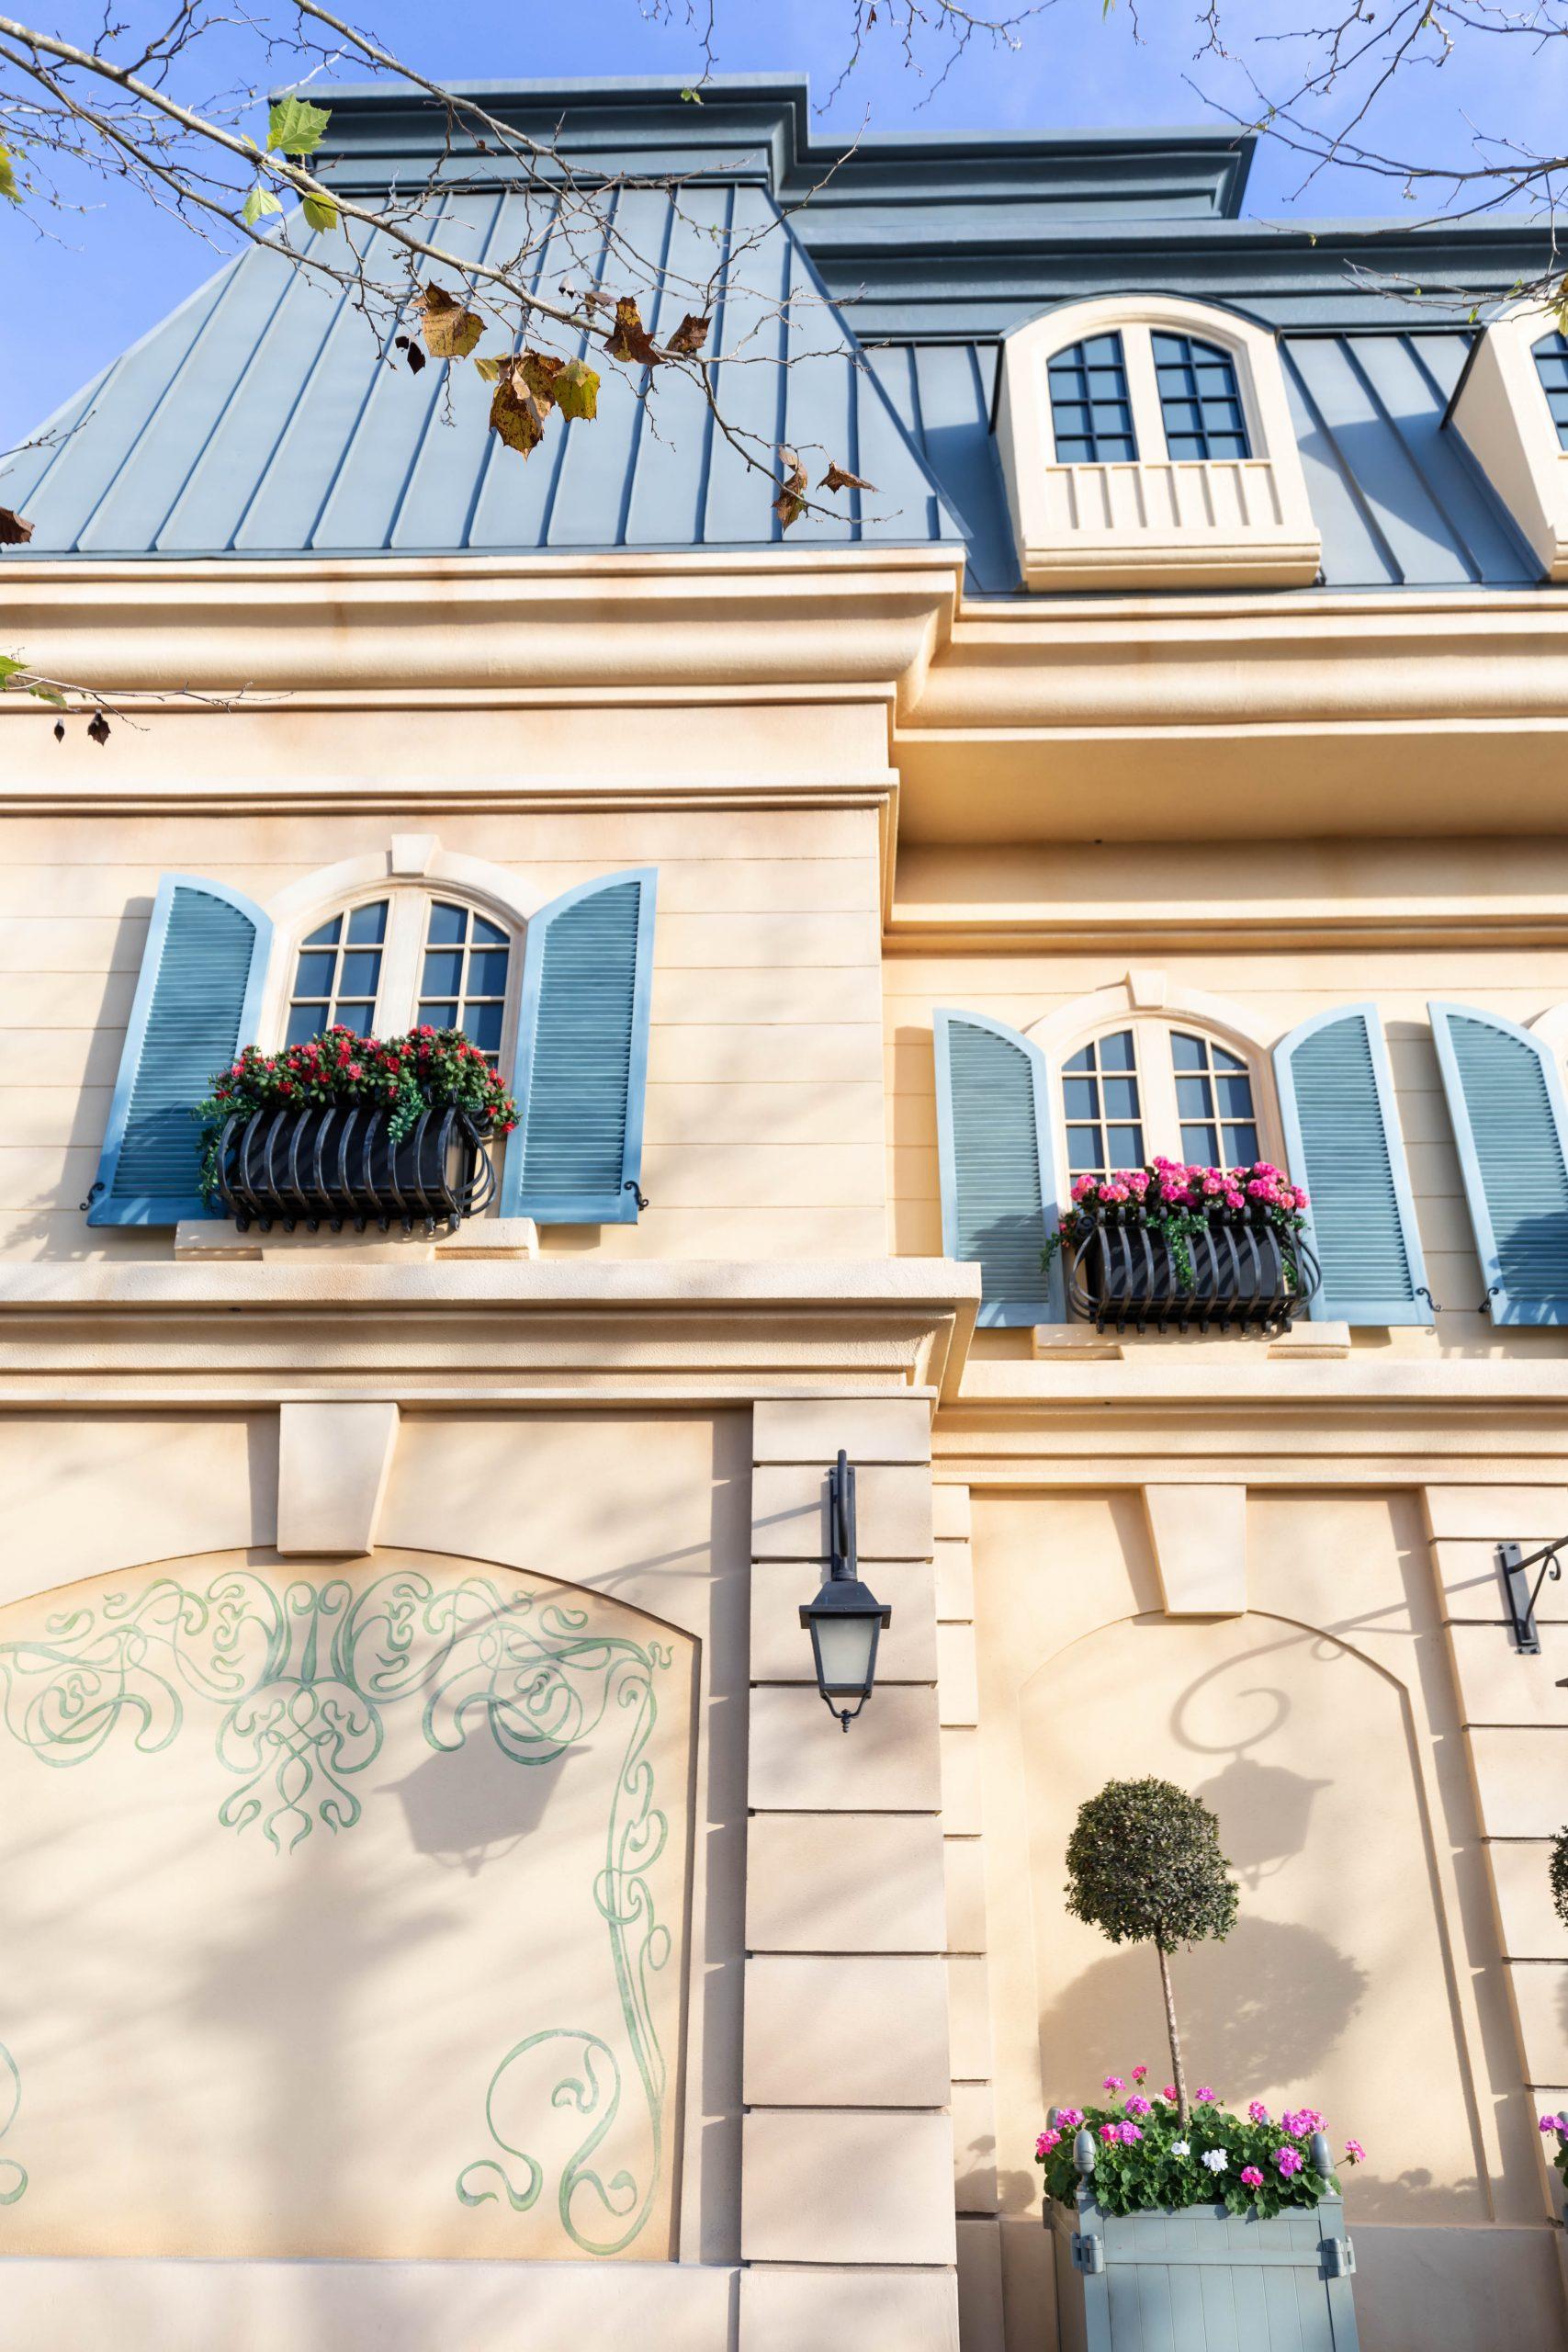 France at Epcot World Showcase Epcot International Flower & Garden Festival by Annie Fairfax